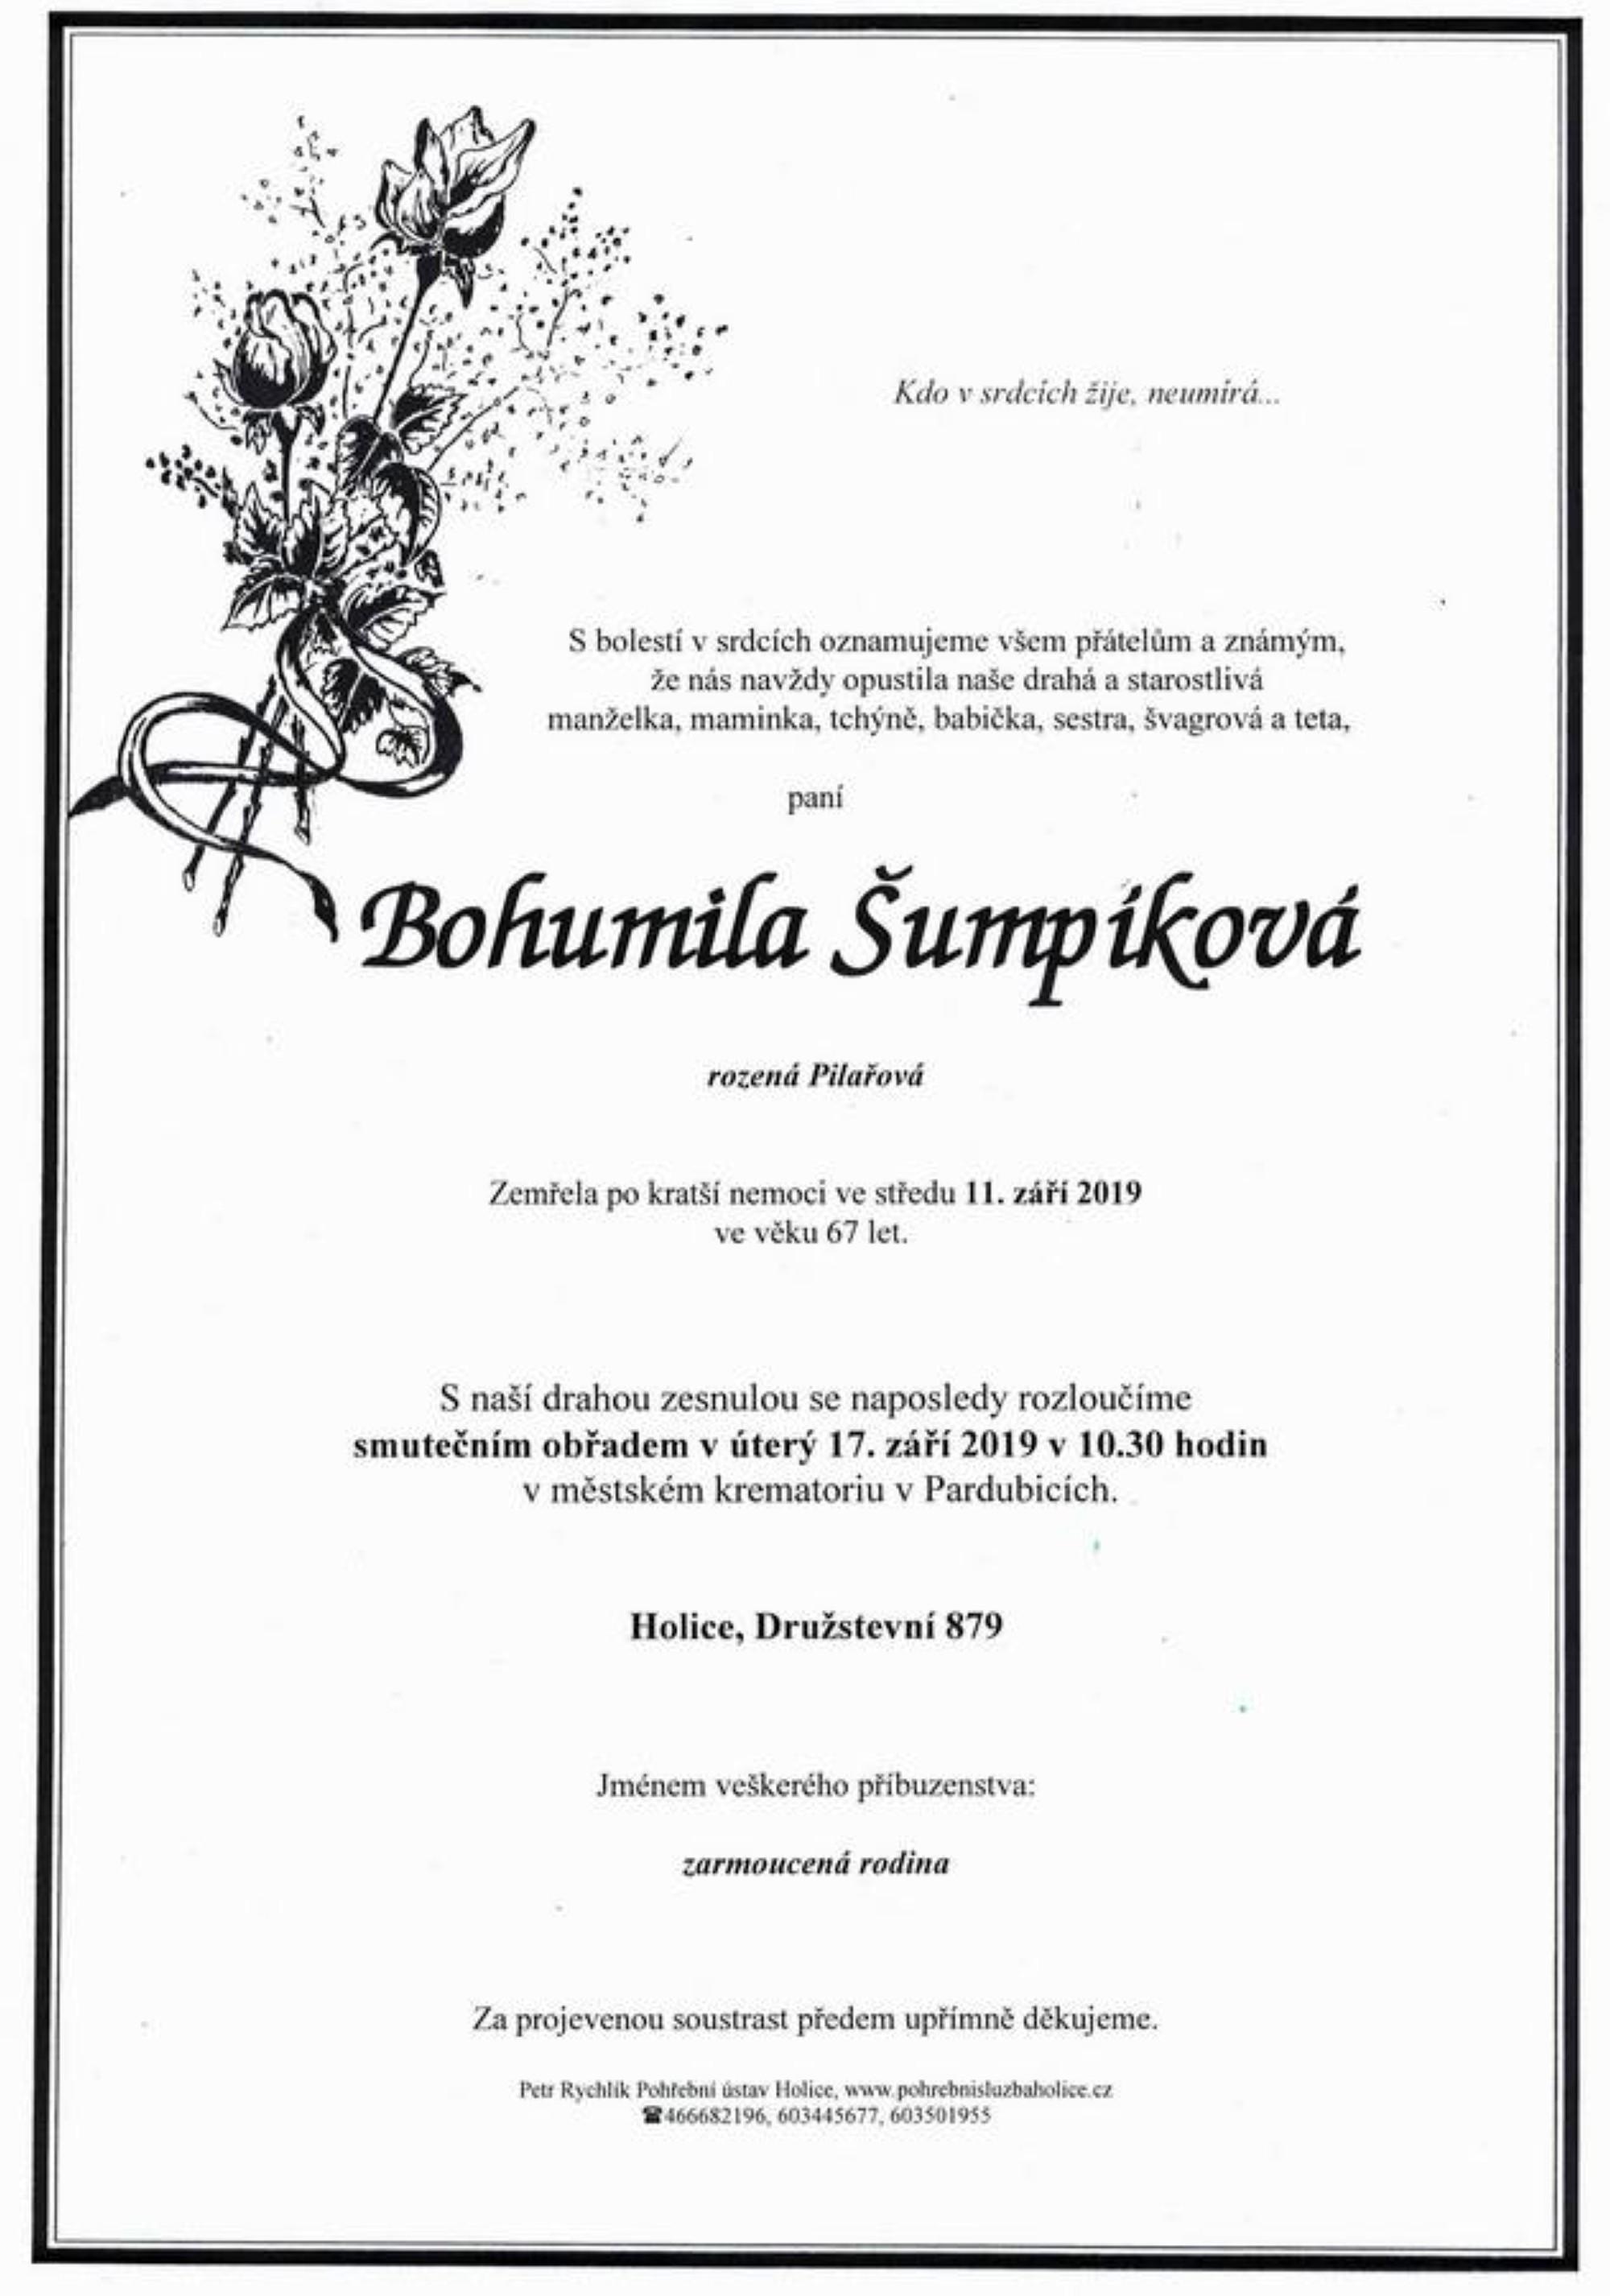 Bohumila Šumpíková